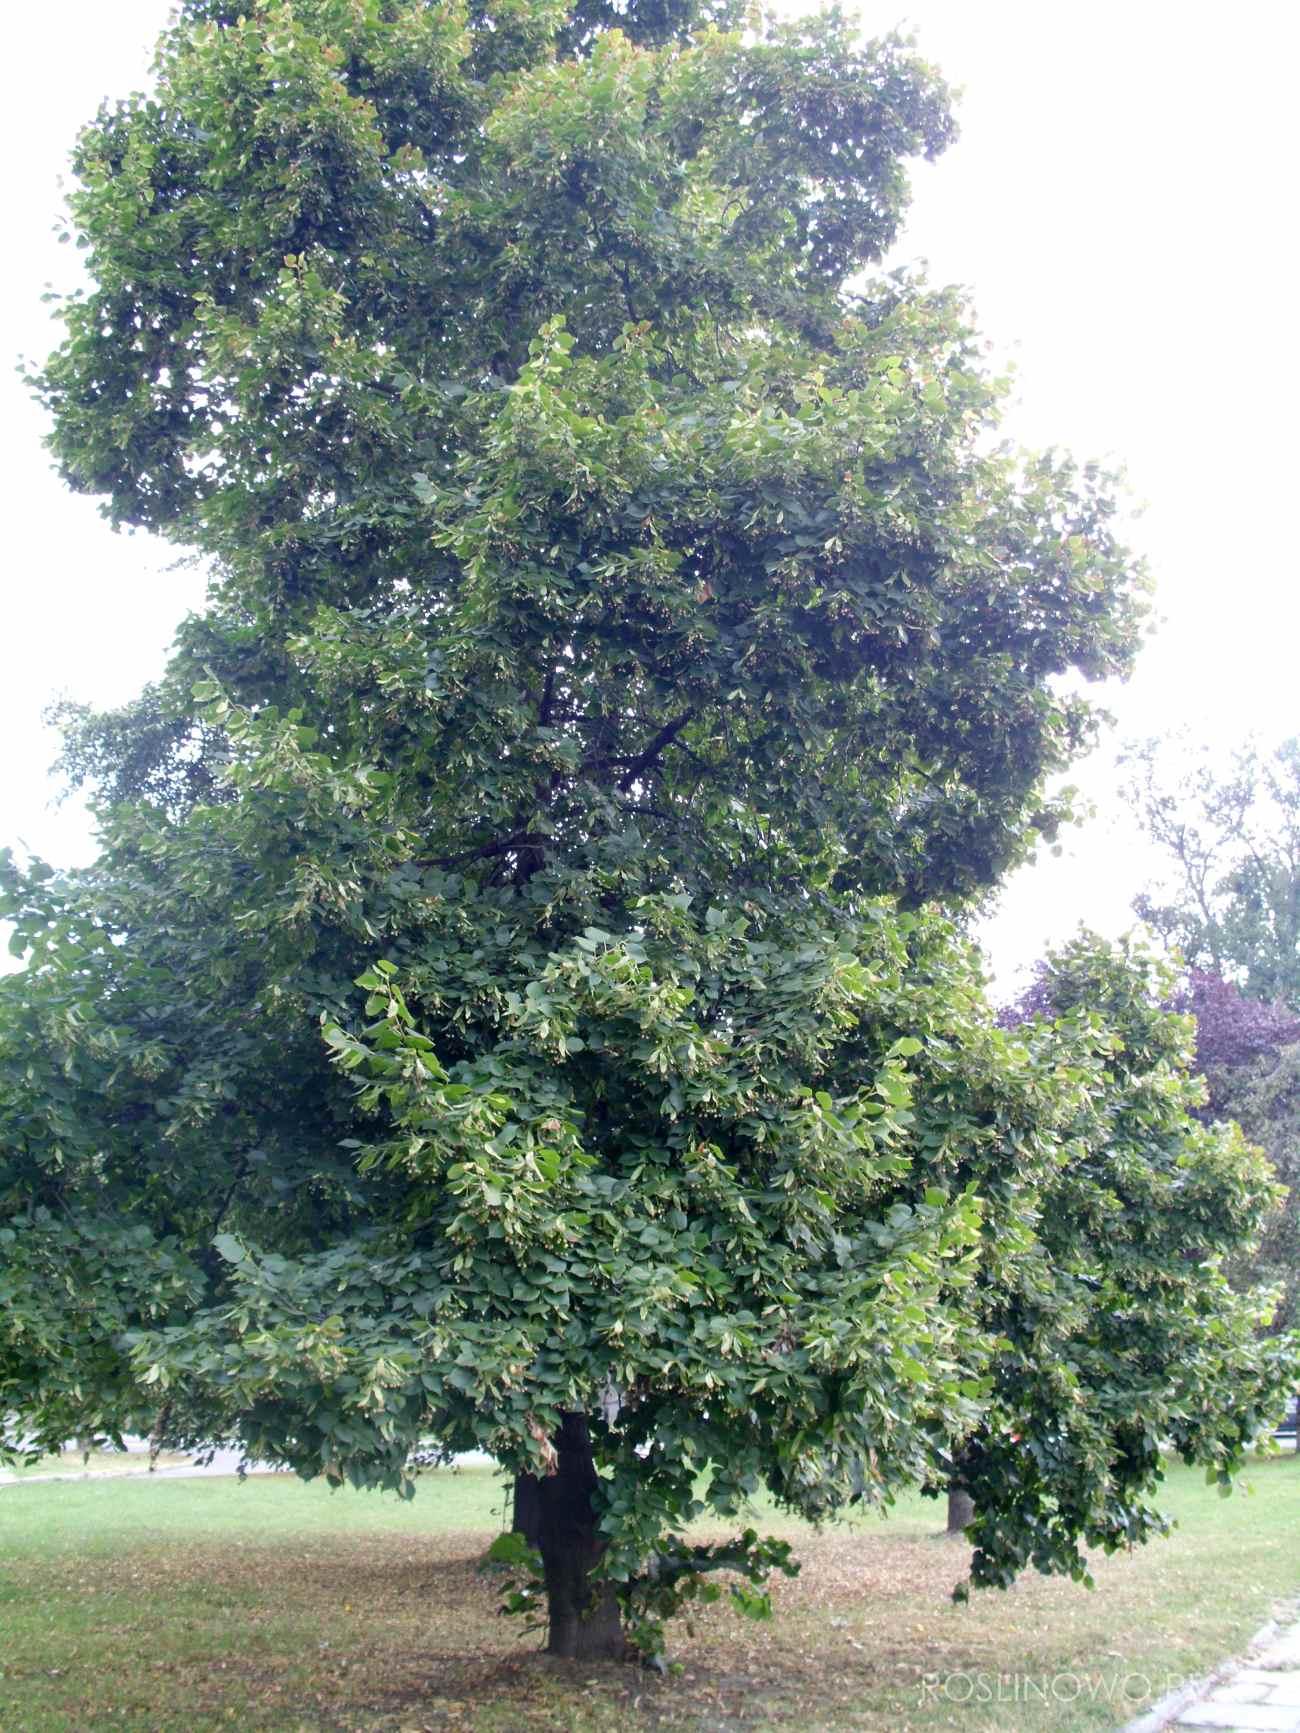 Lipa drobnolistna (Tilia cordata) podstawowe drzewo w terenach zieleni.